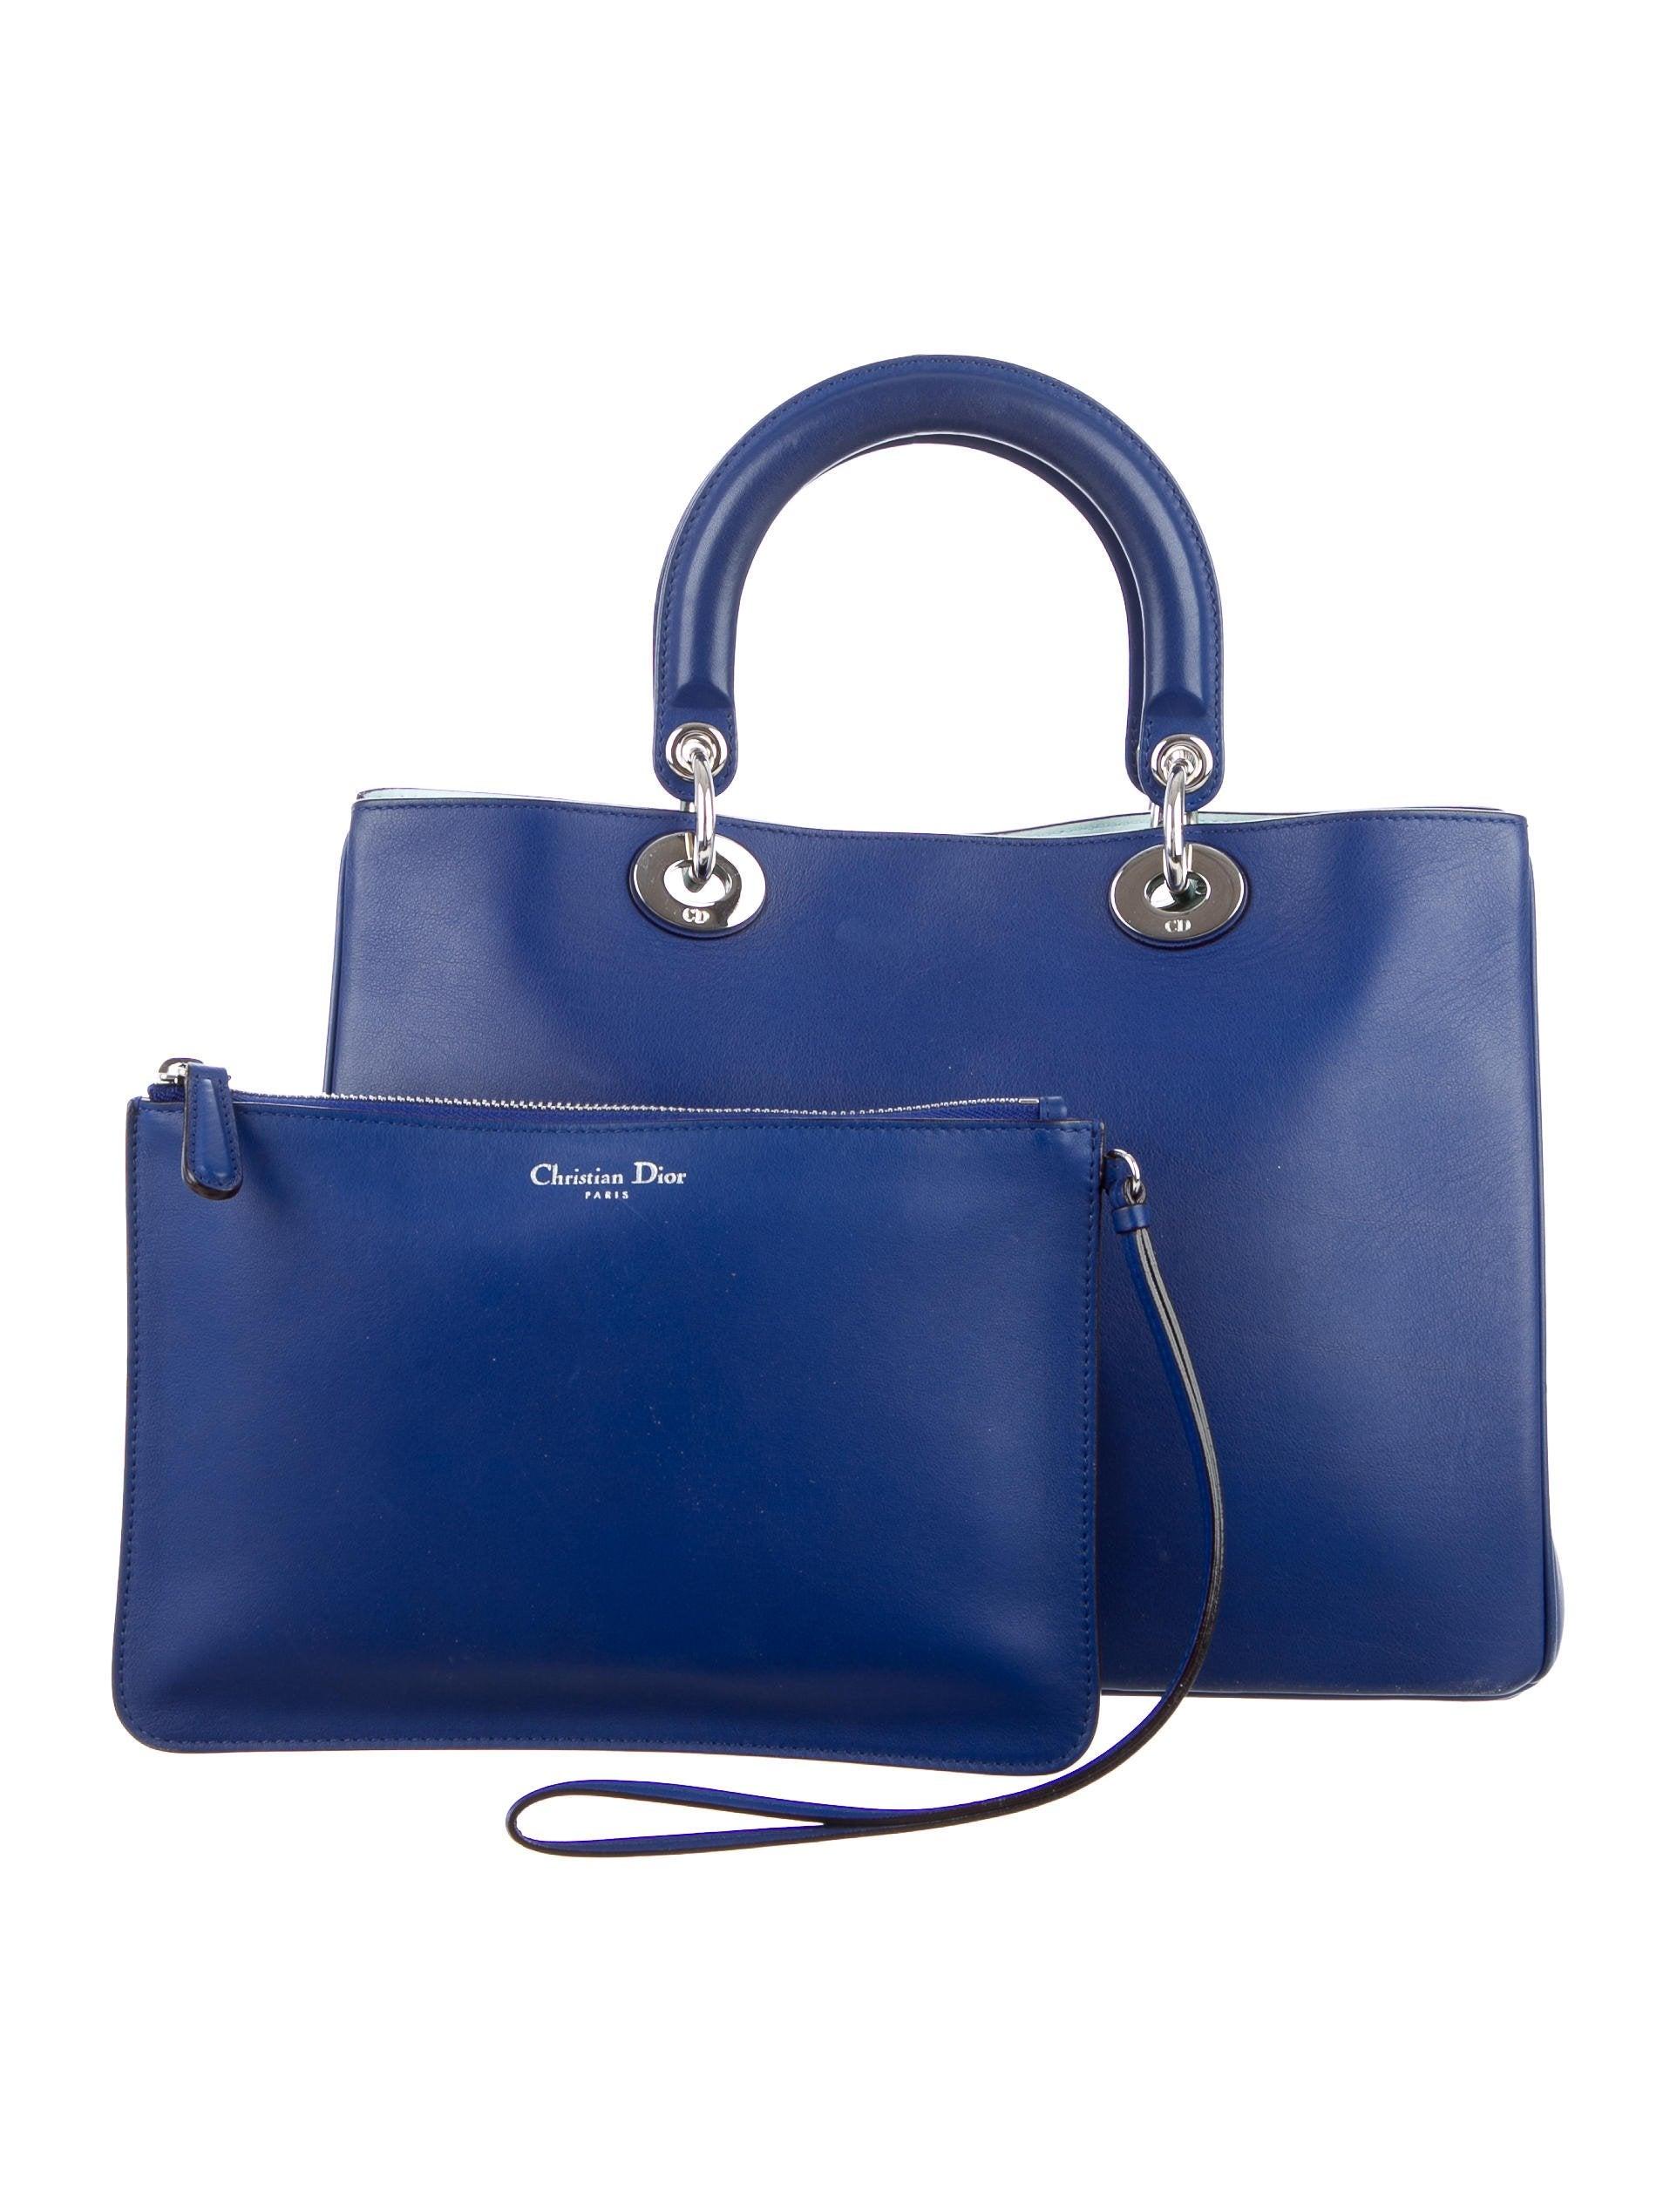 Christian Dior Medium Diorissimo Bag - Handbags - CHR55937 ...